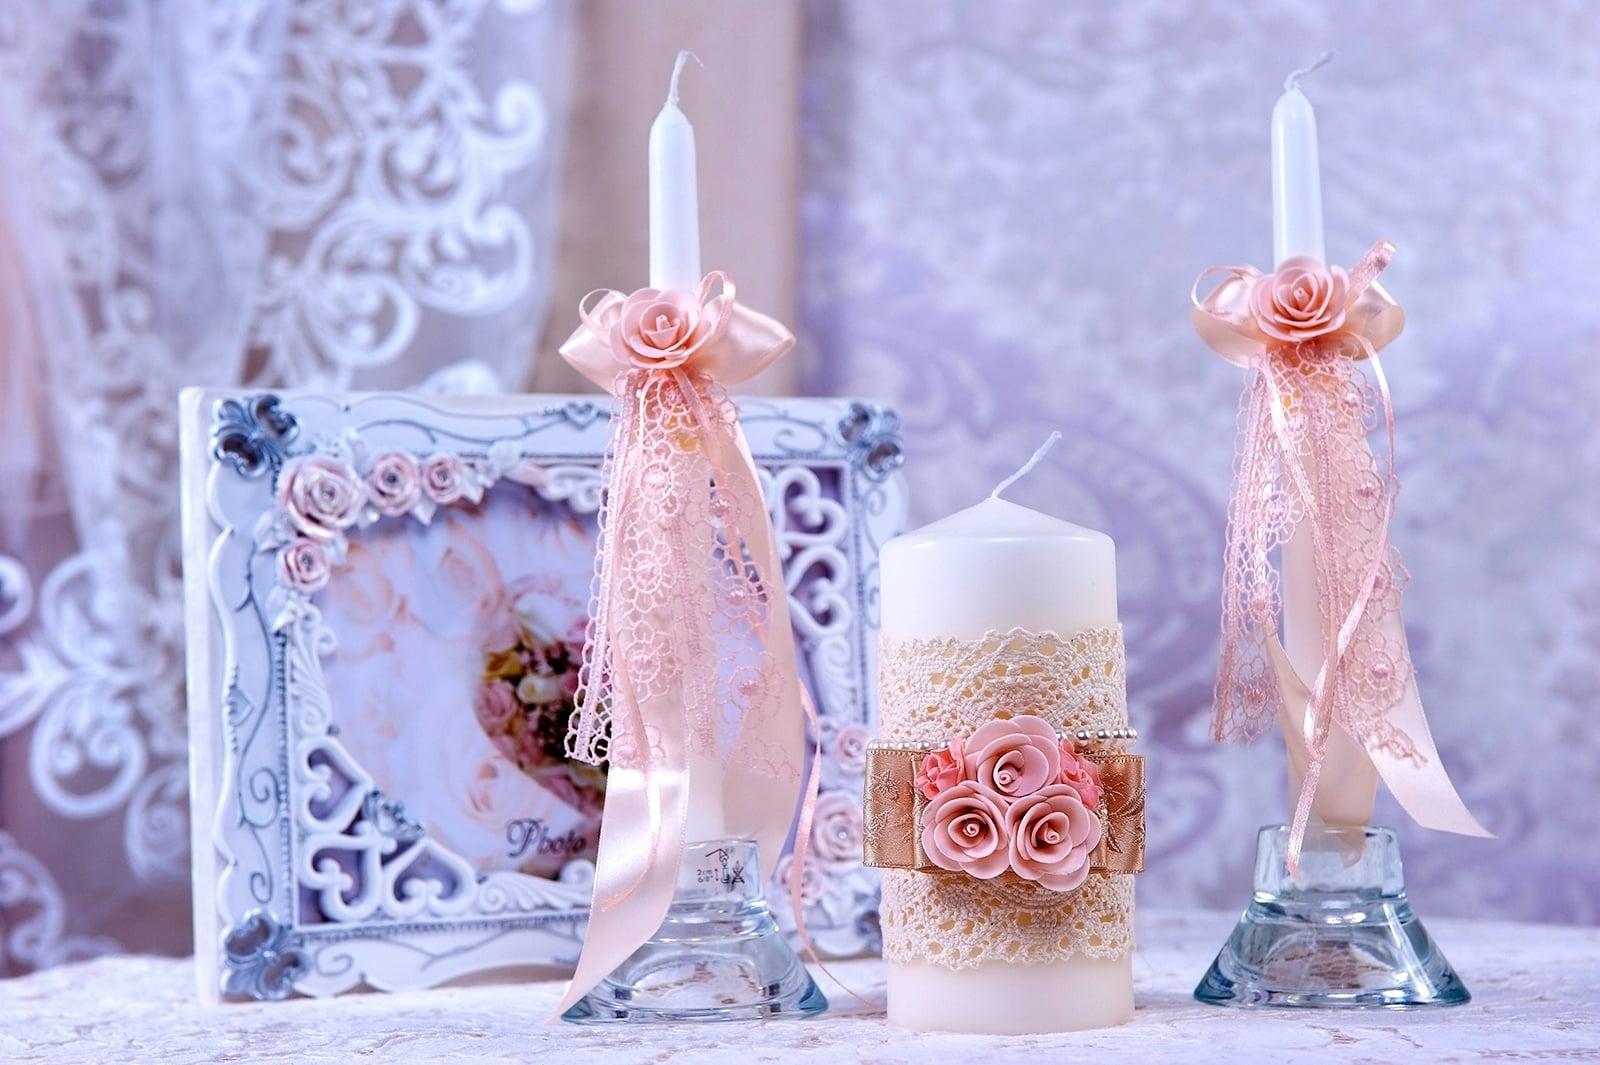 Розовый свадебный набор из кружева, с атласными лентами и бутонами.